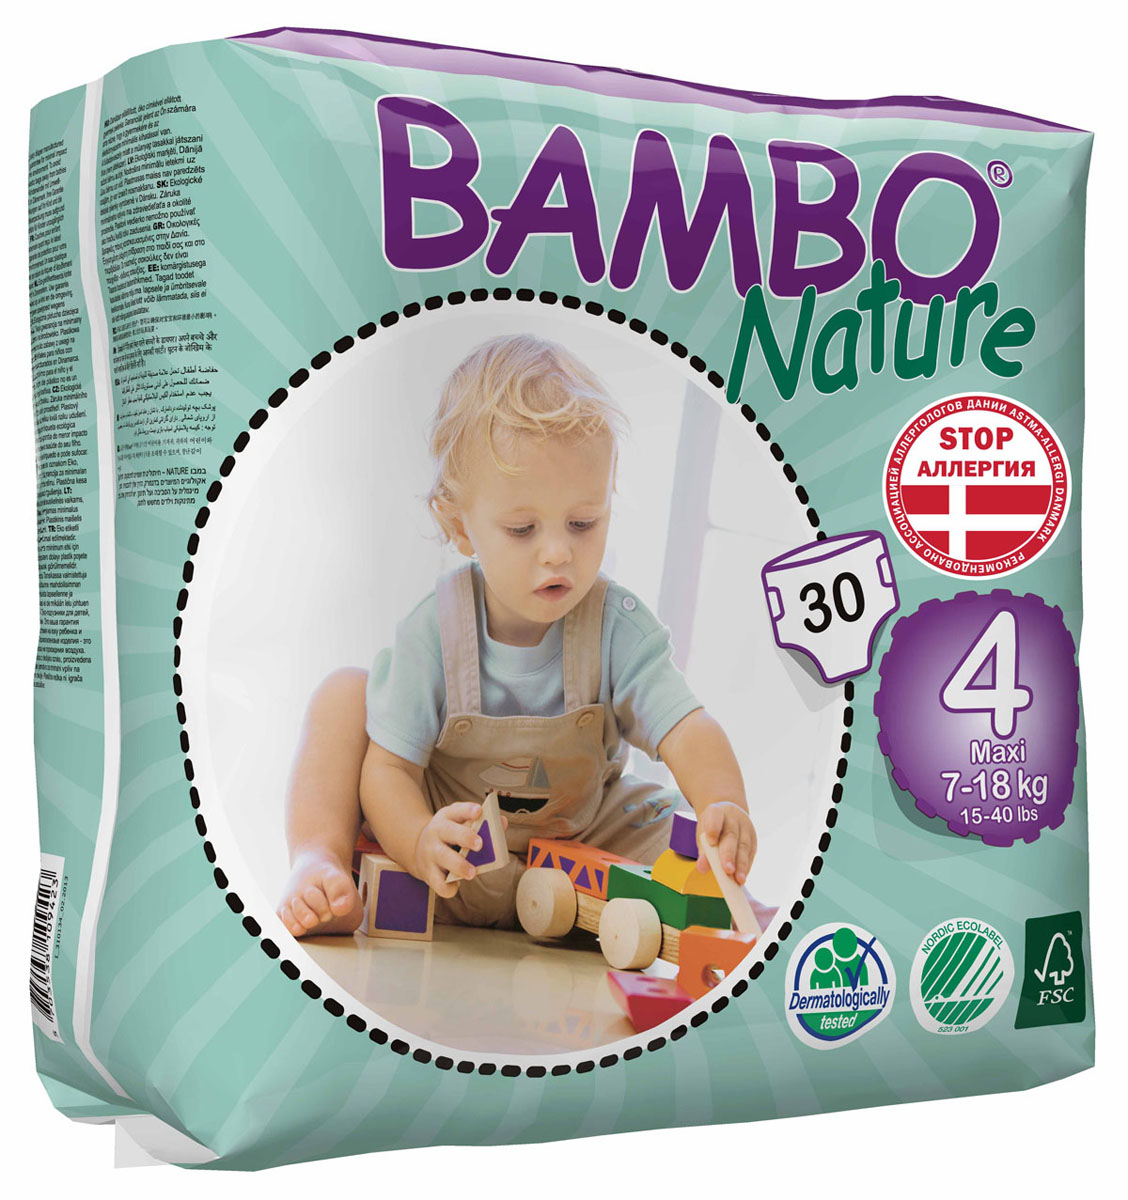 Bambo Nature Экологические детские одноразовые подгузники, Maxi, 7-18 кг, 30 шт